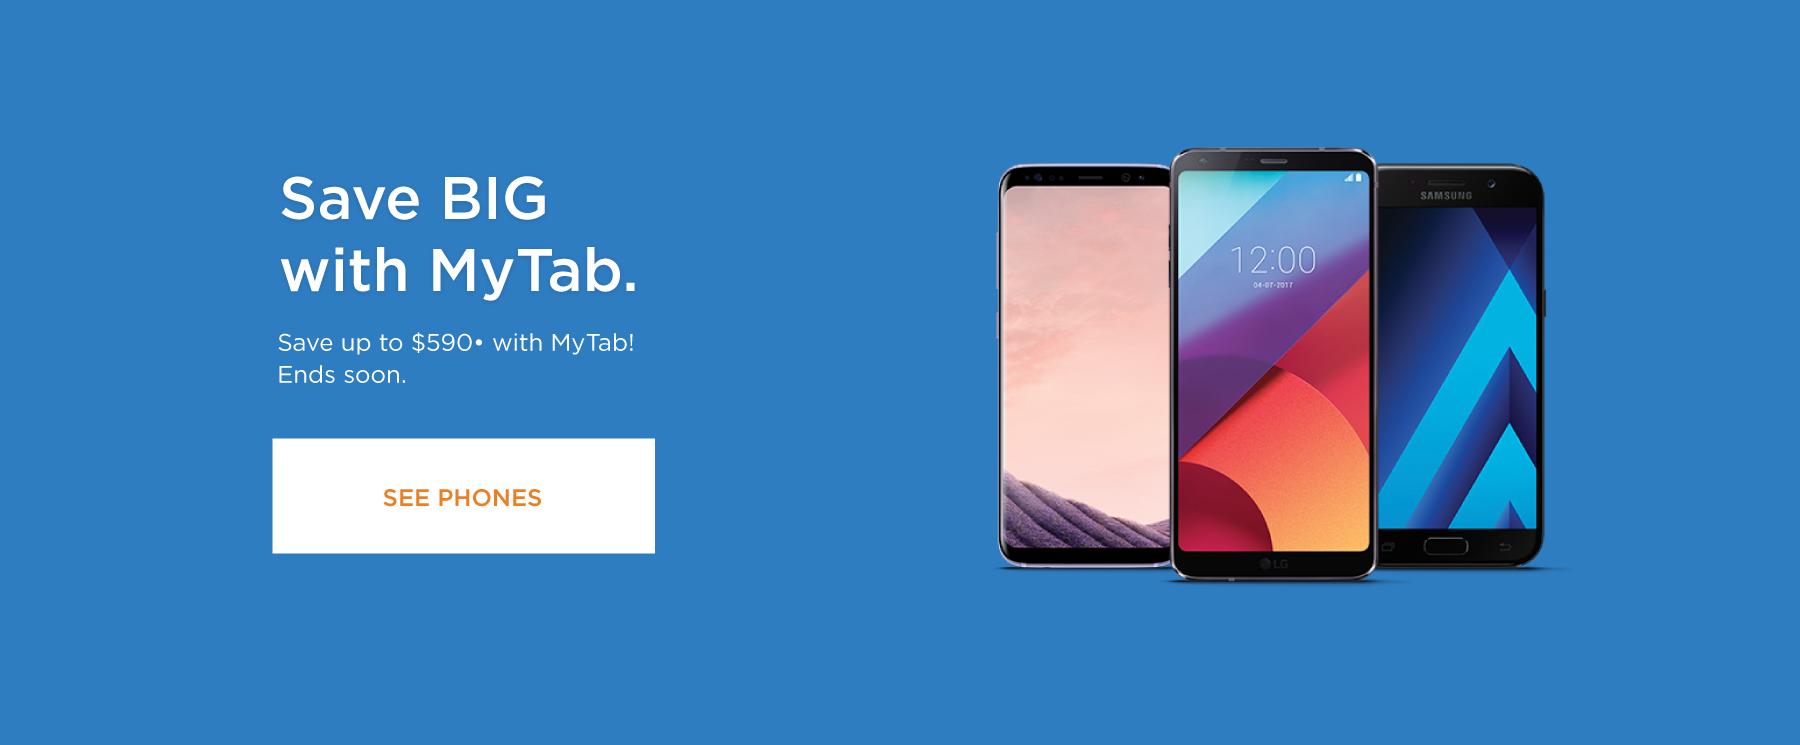 Save BIG with MyTab